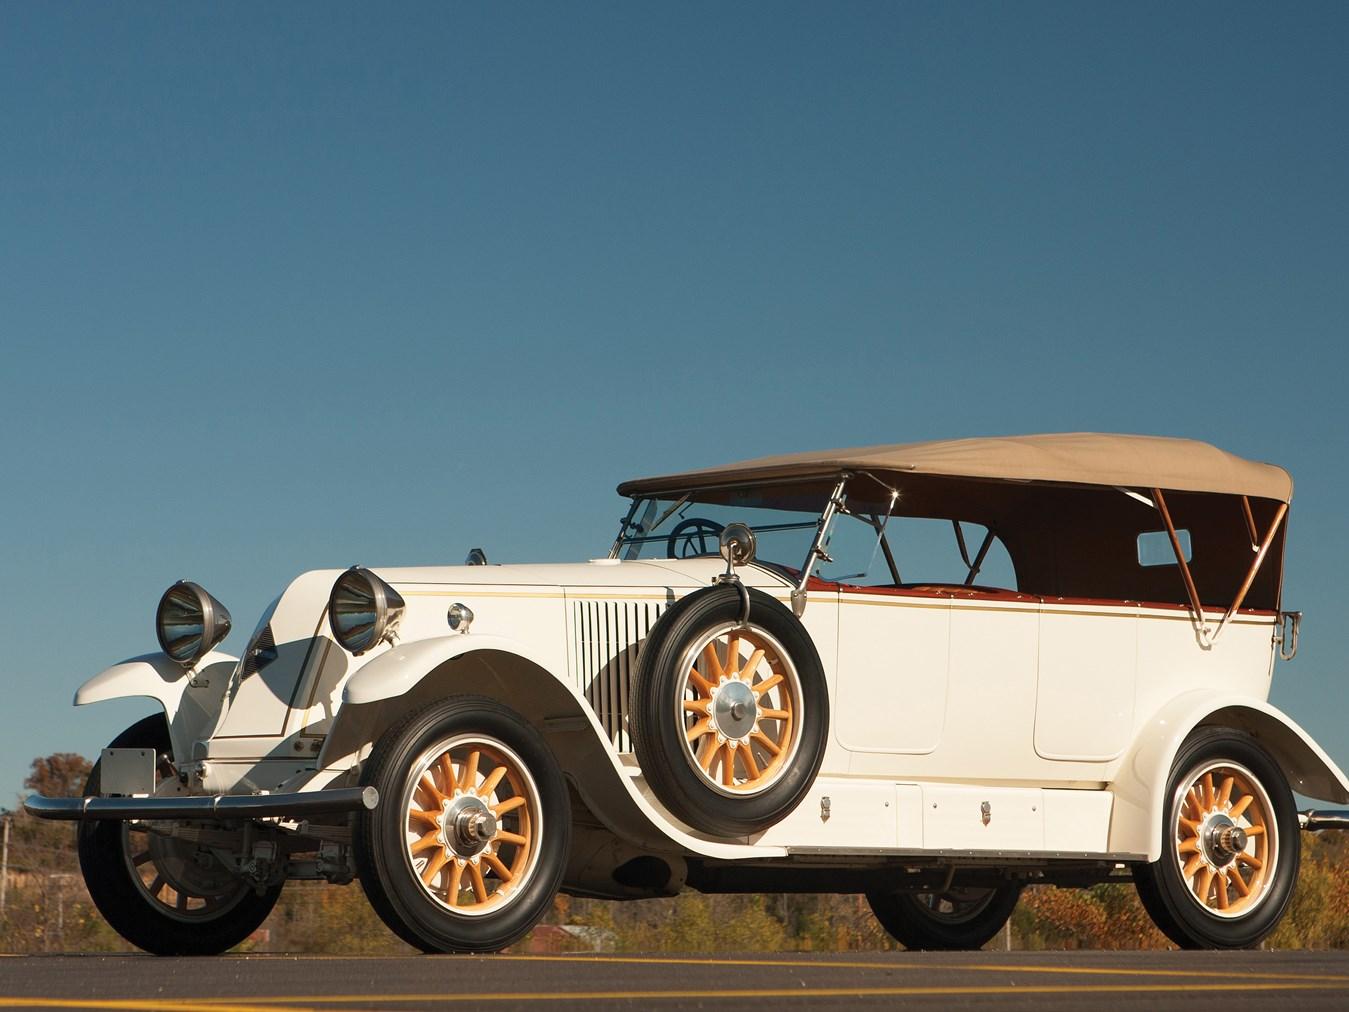 1925 Renault Model 45 Tourer